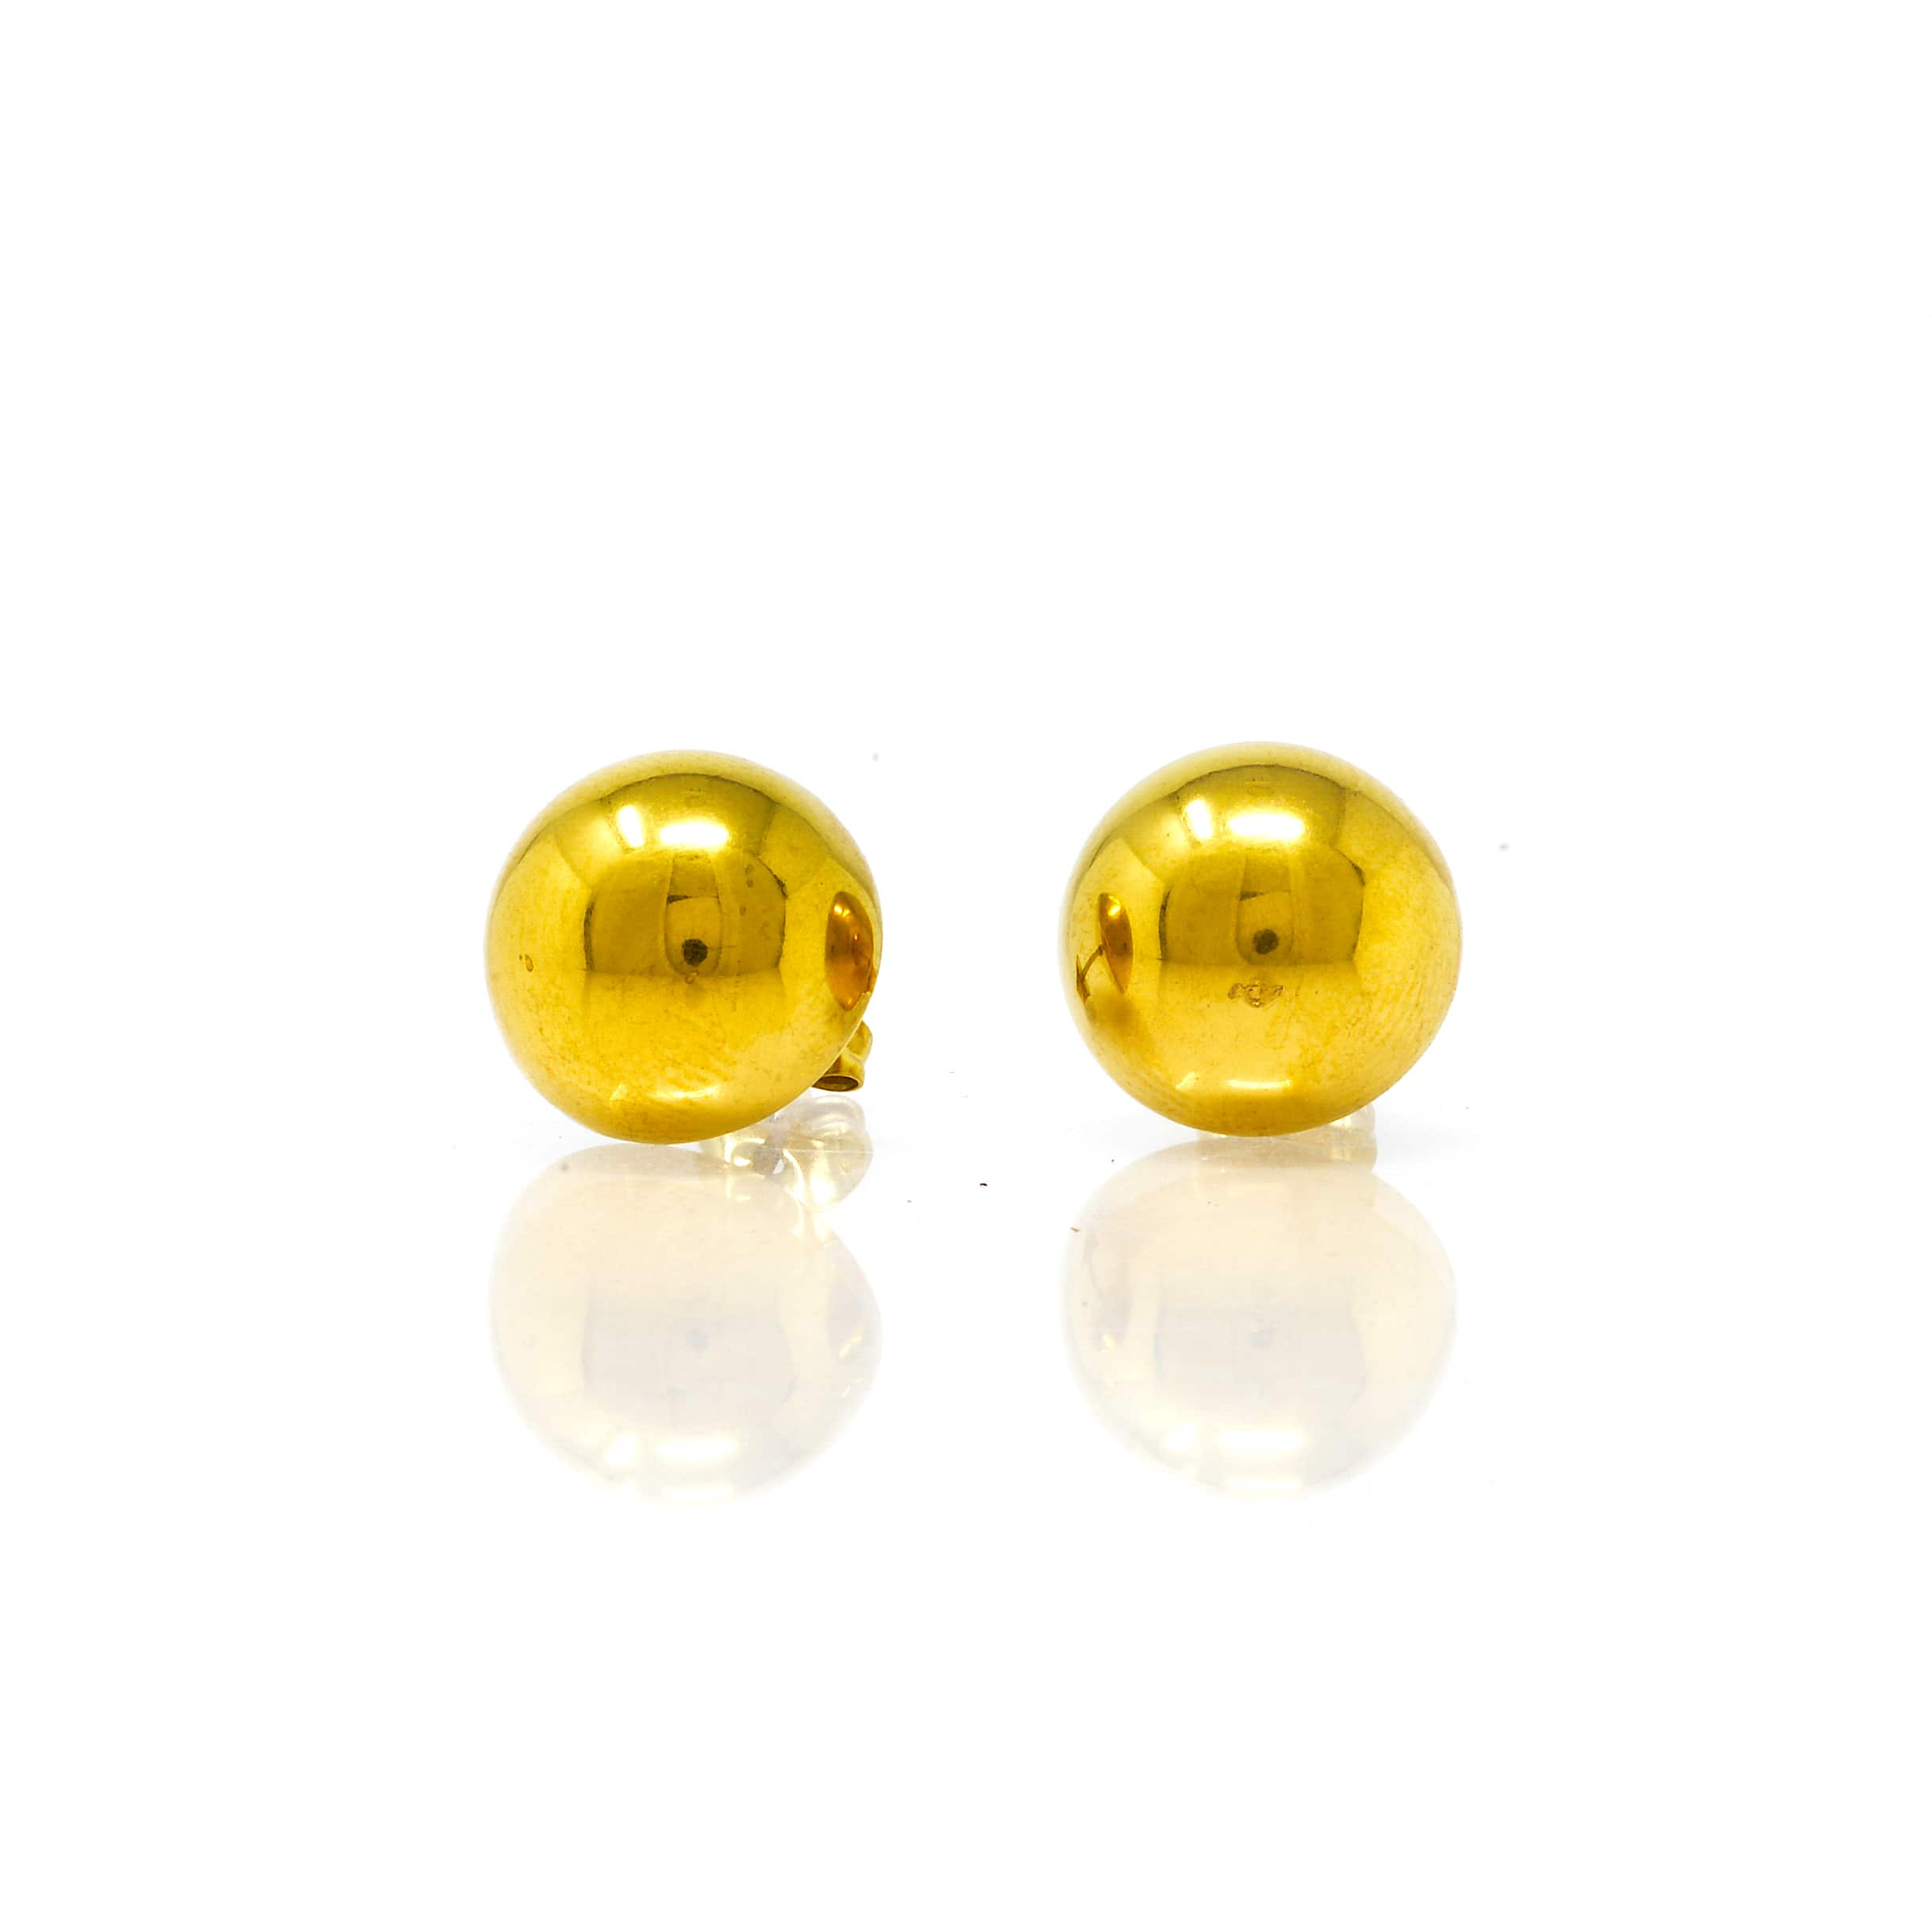 Demi boule acier doré 14 MM-3-min